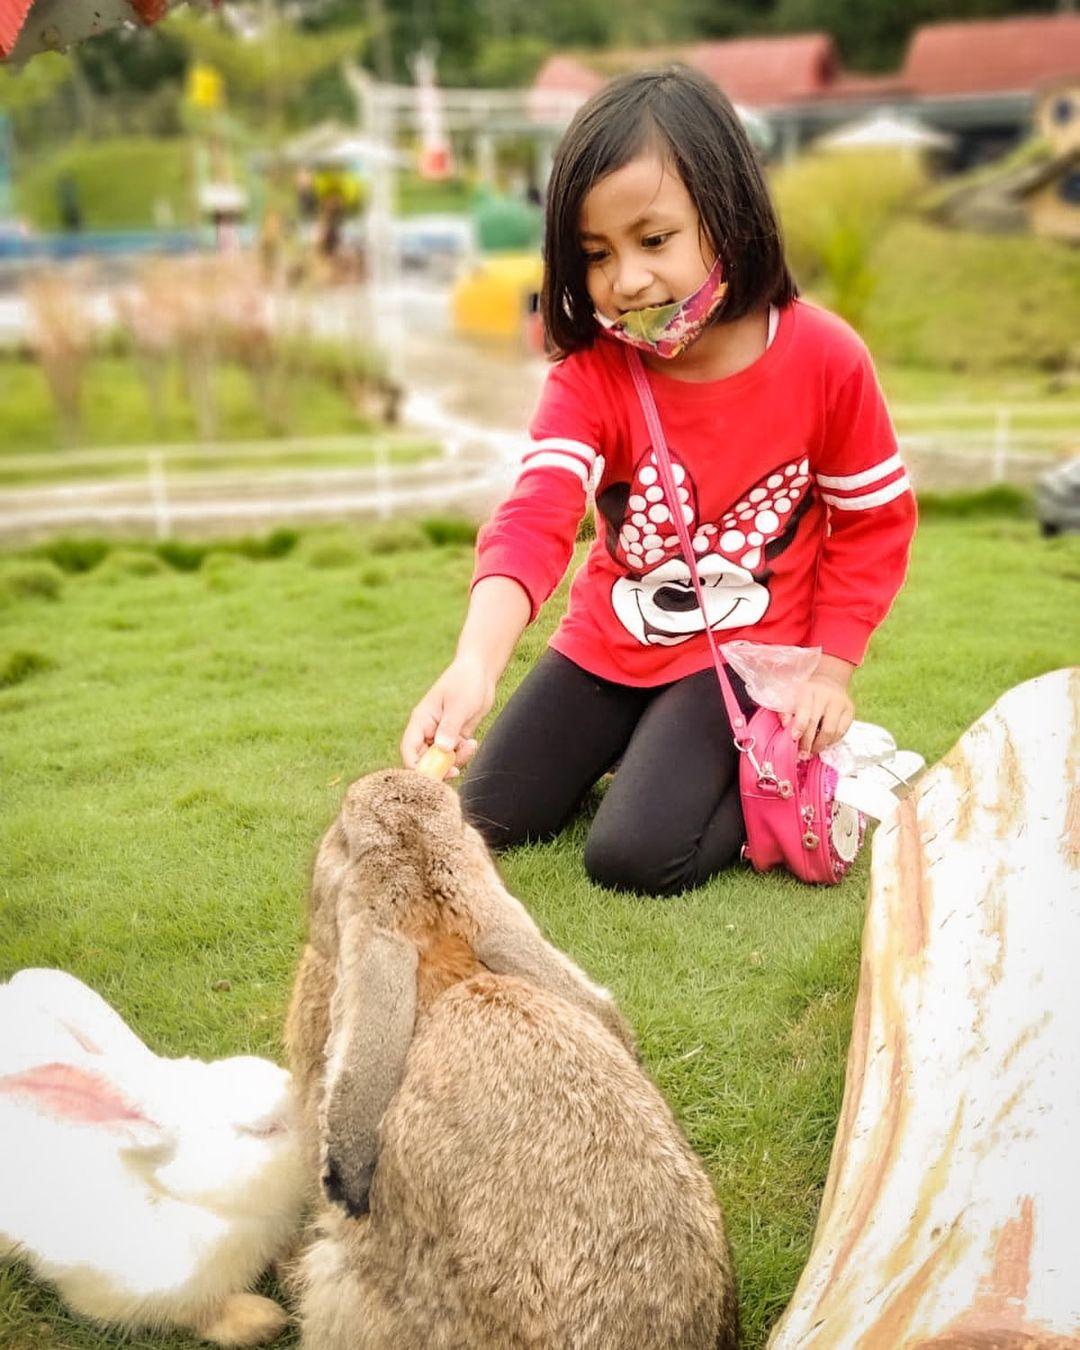 Pengalaman Menarik Main ke Wisata Akbar Zoo Banyuwangi